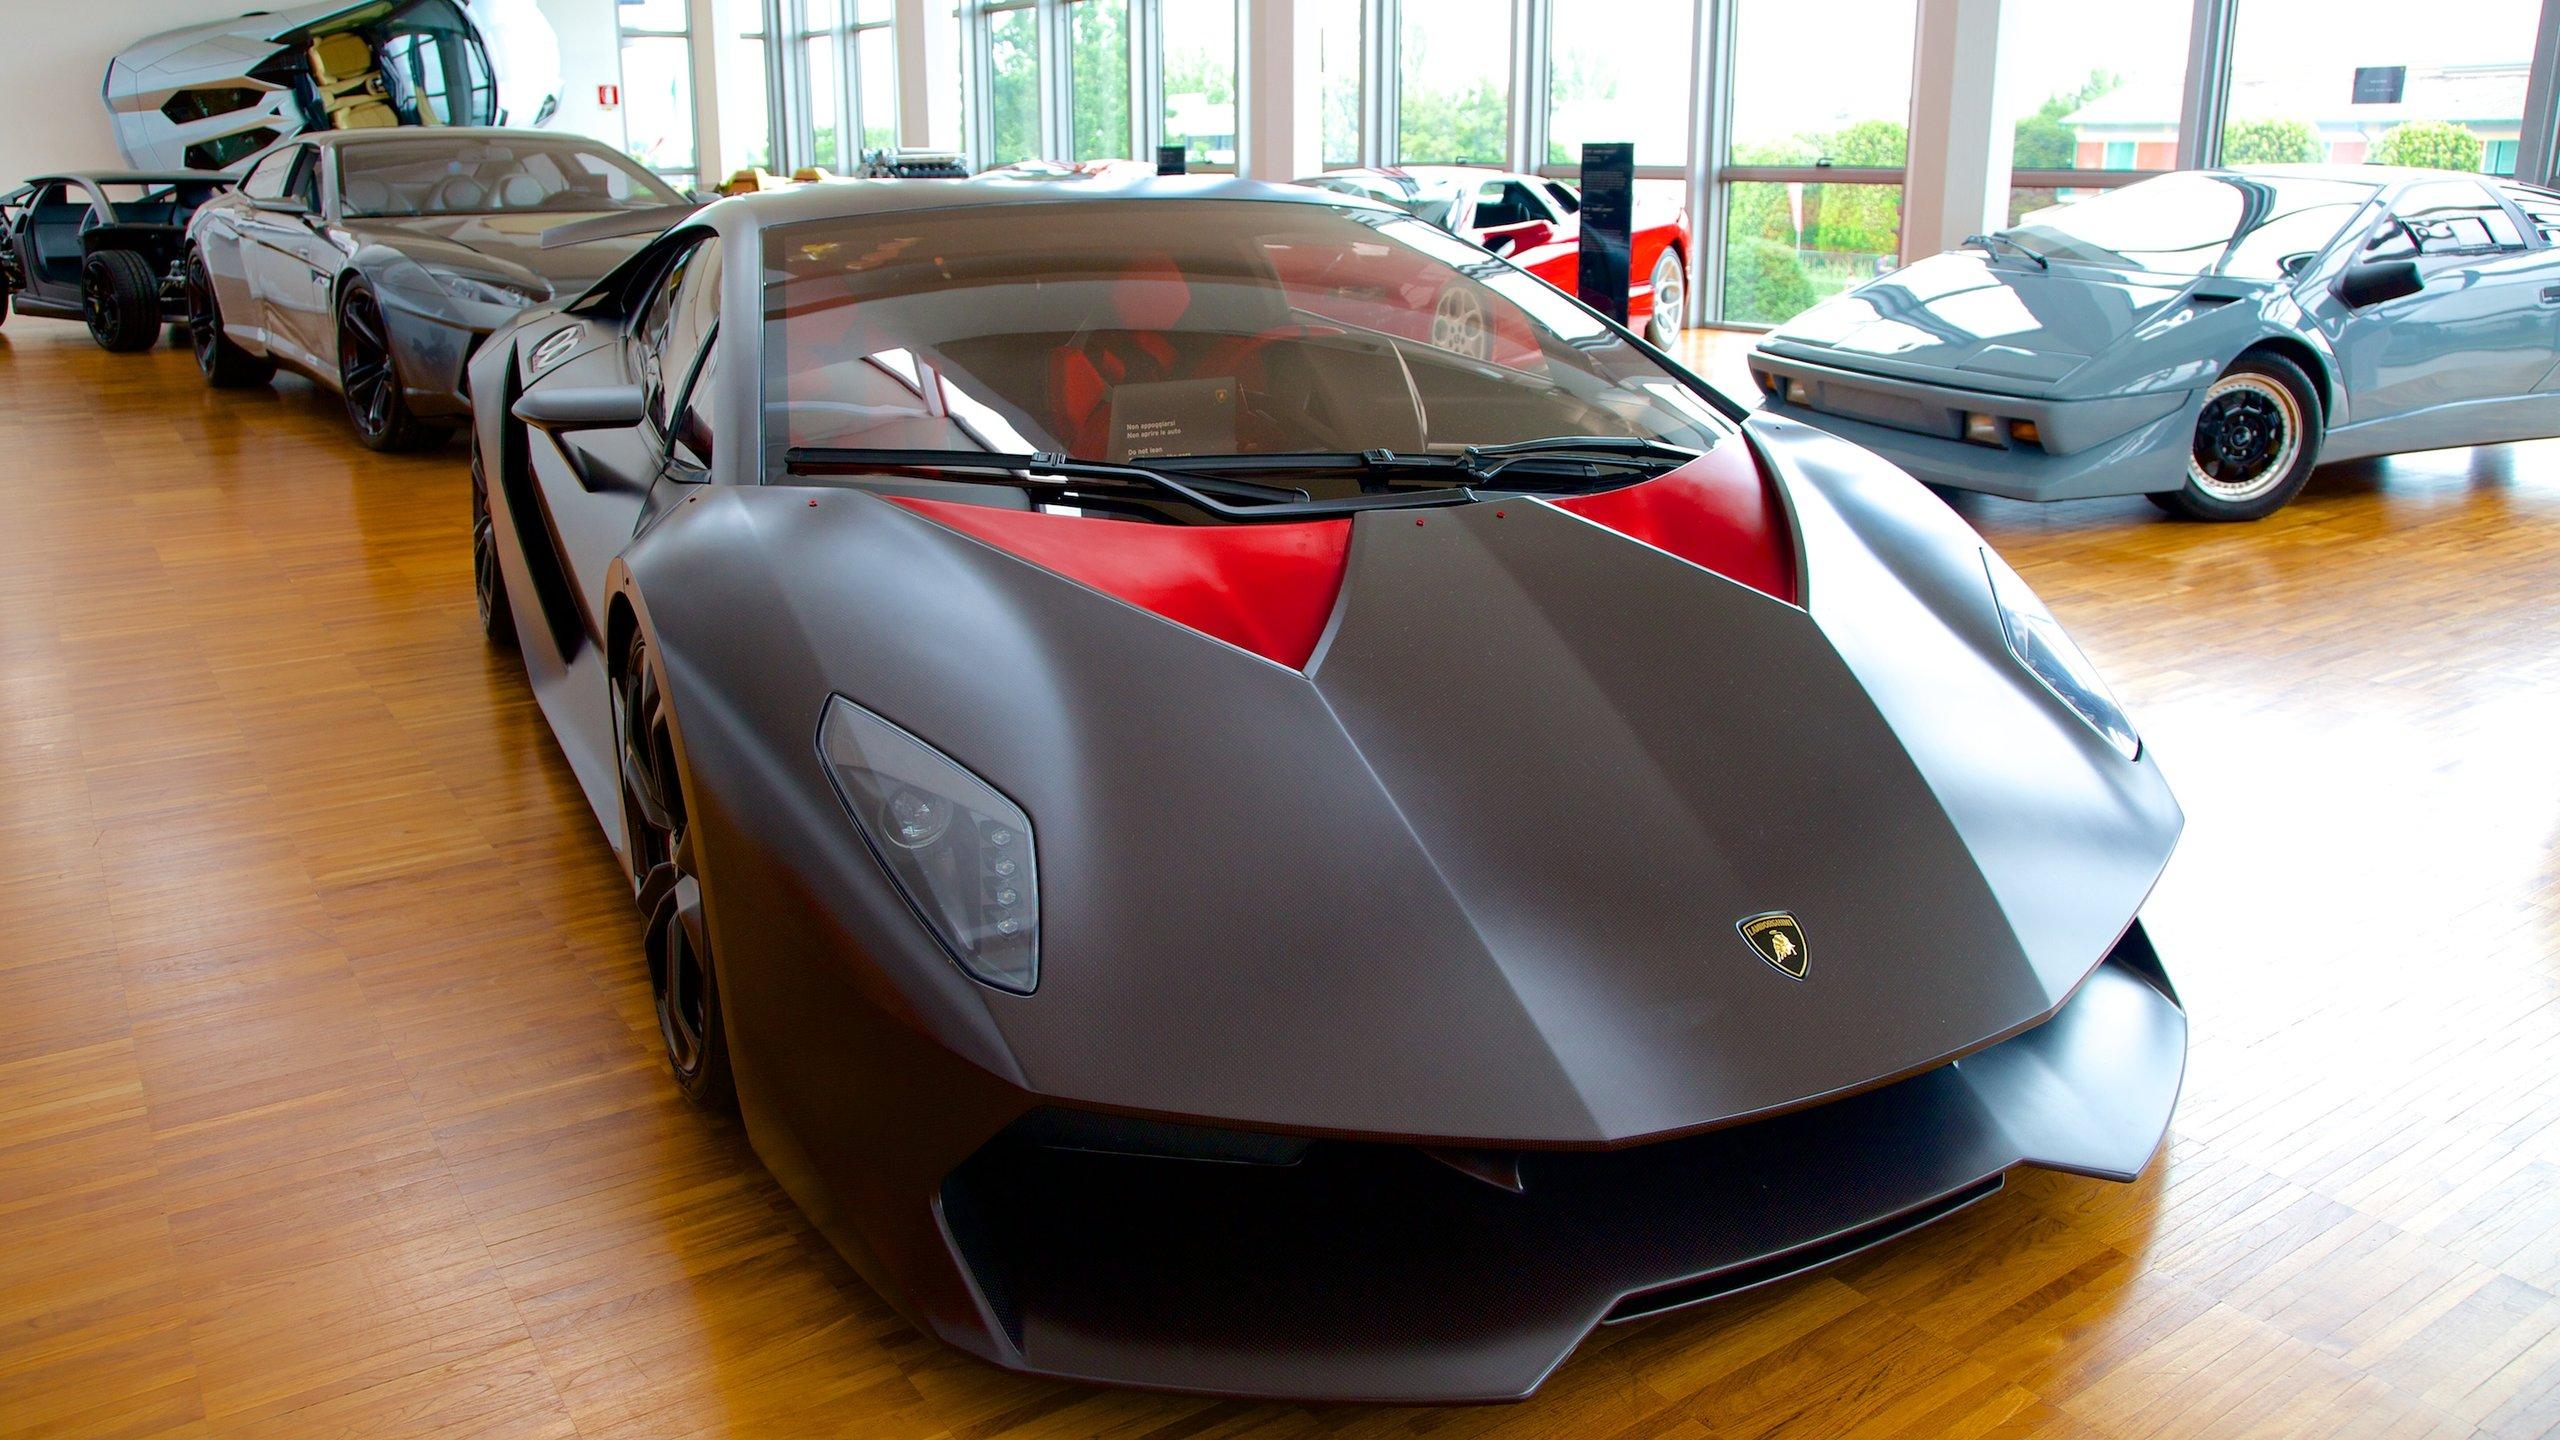 Dieses schicke Museum ist der Entwicklung eines international anerkannten Automobilherstellers gewidmet.